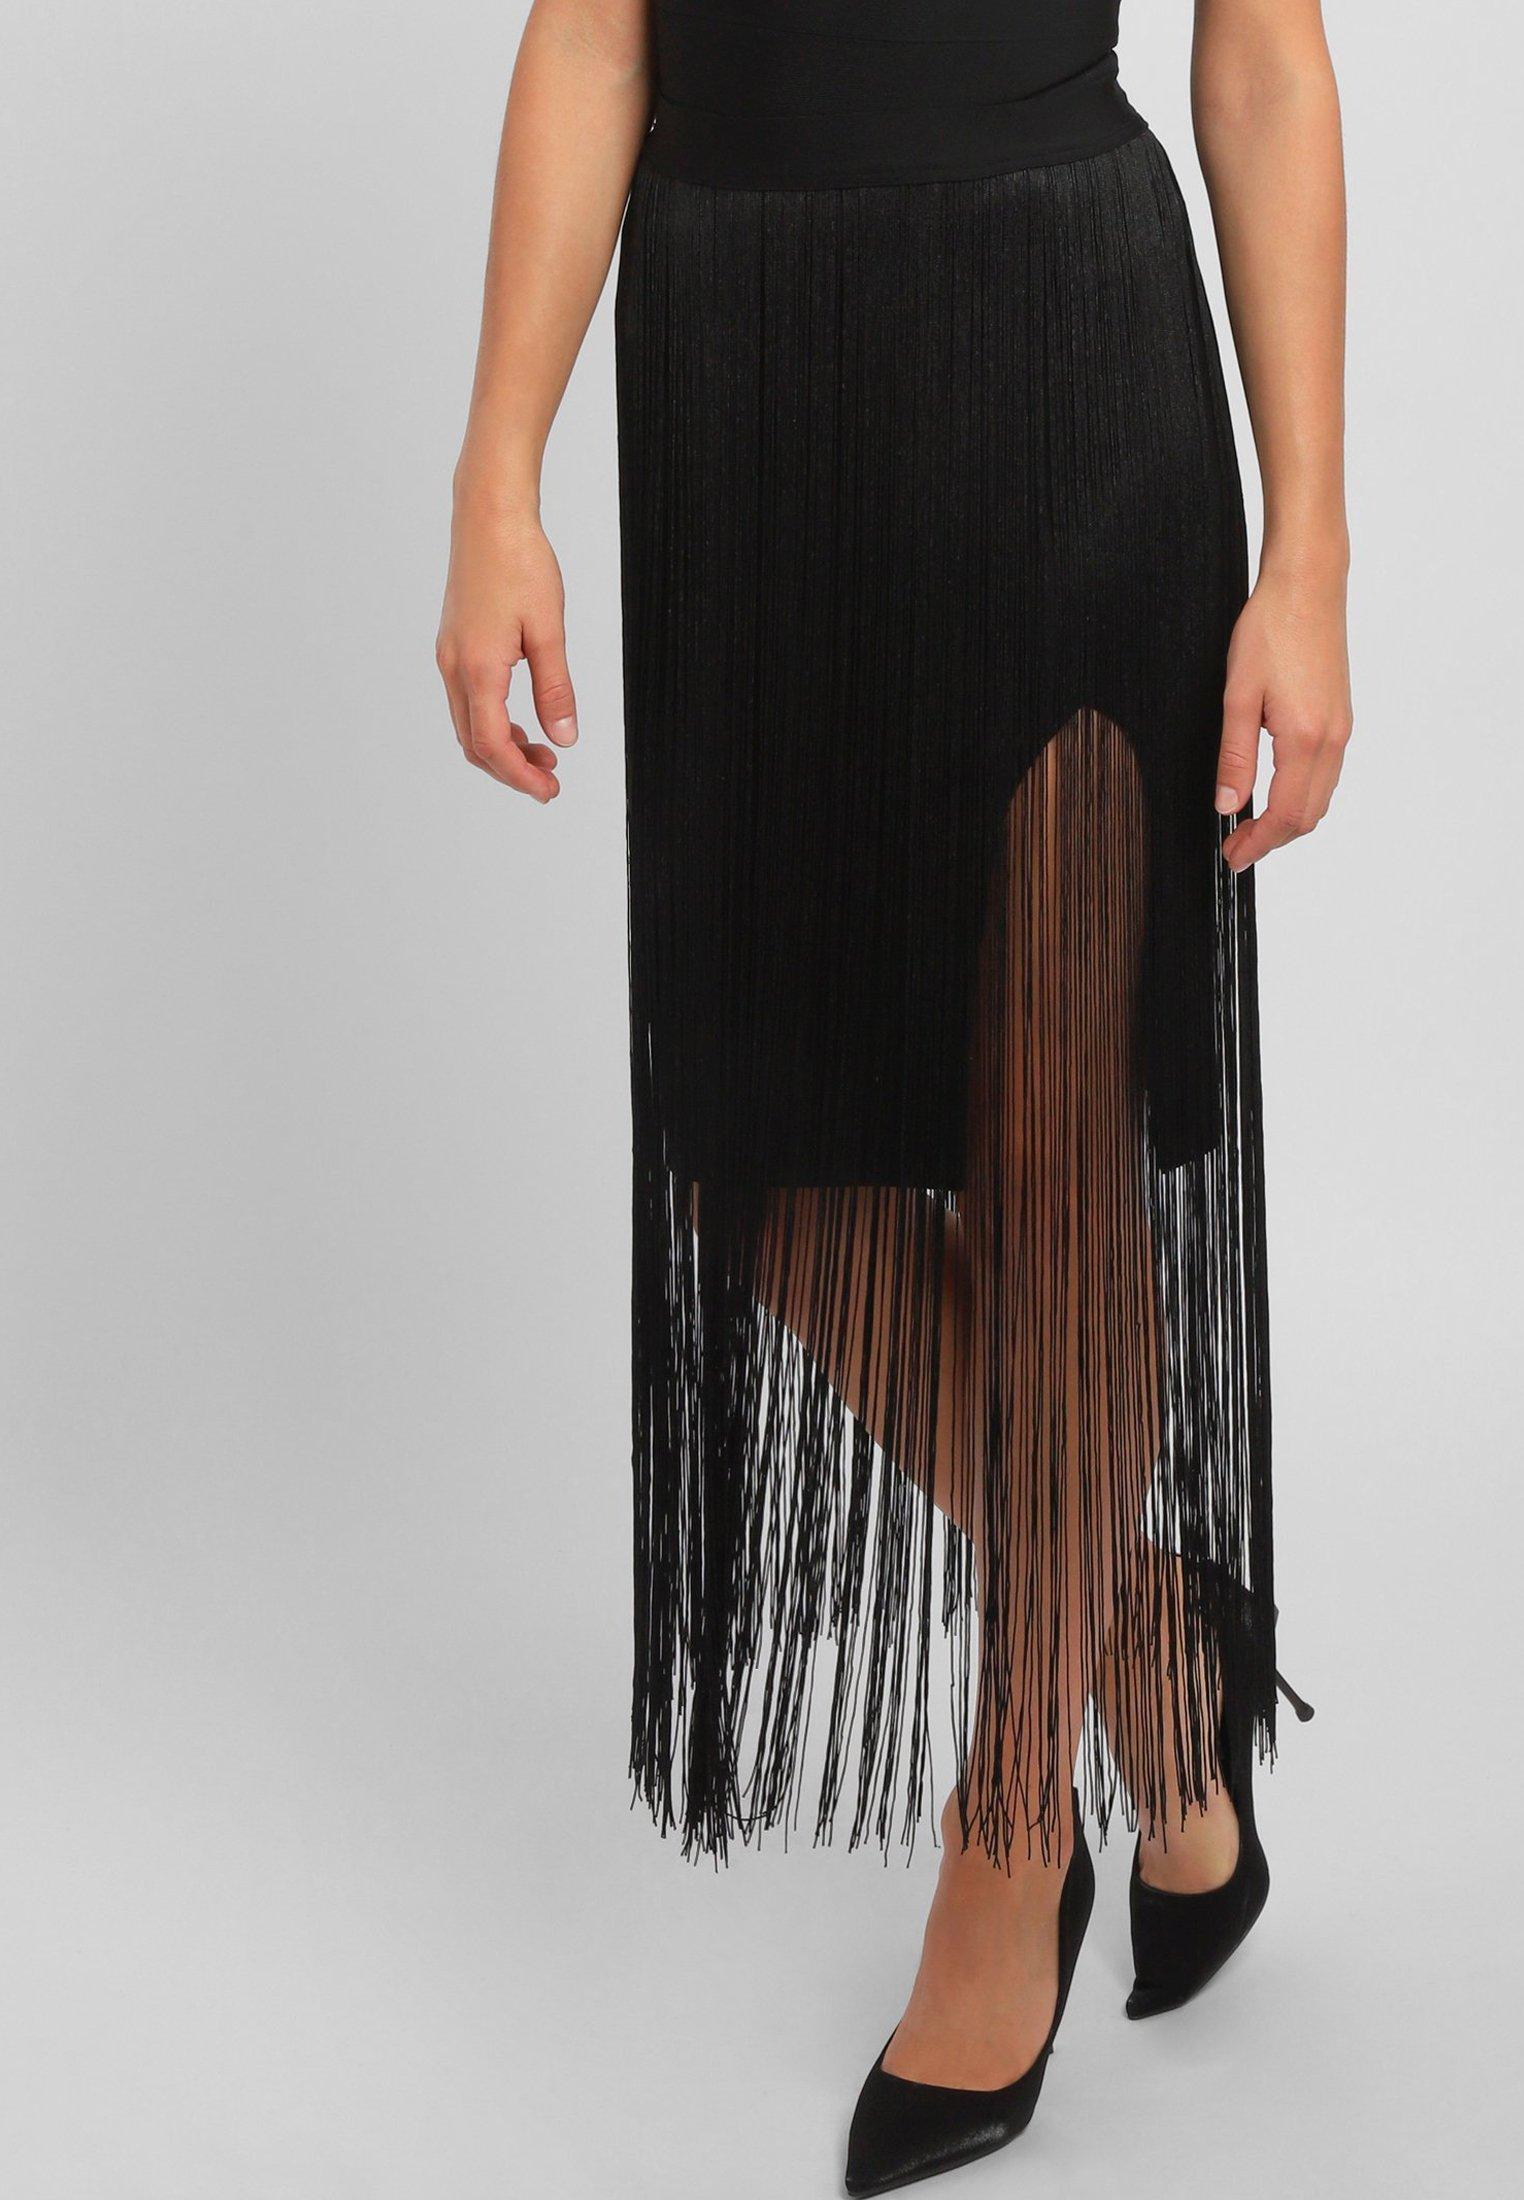 Get Online Women's Clothing Apart Maxi skirt black 47z8kAR7Q